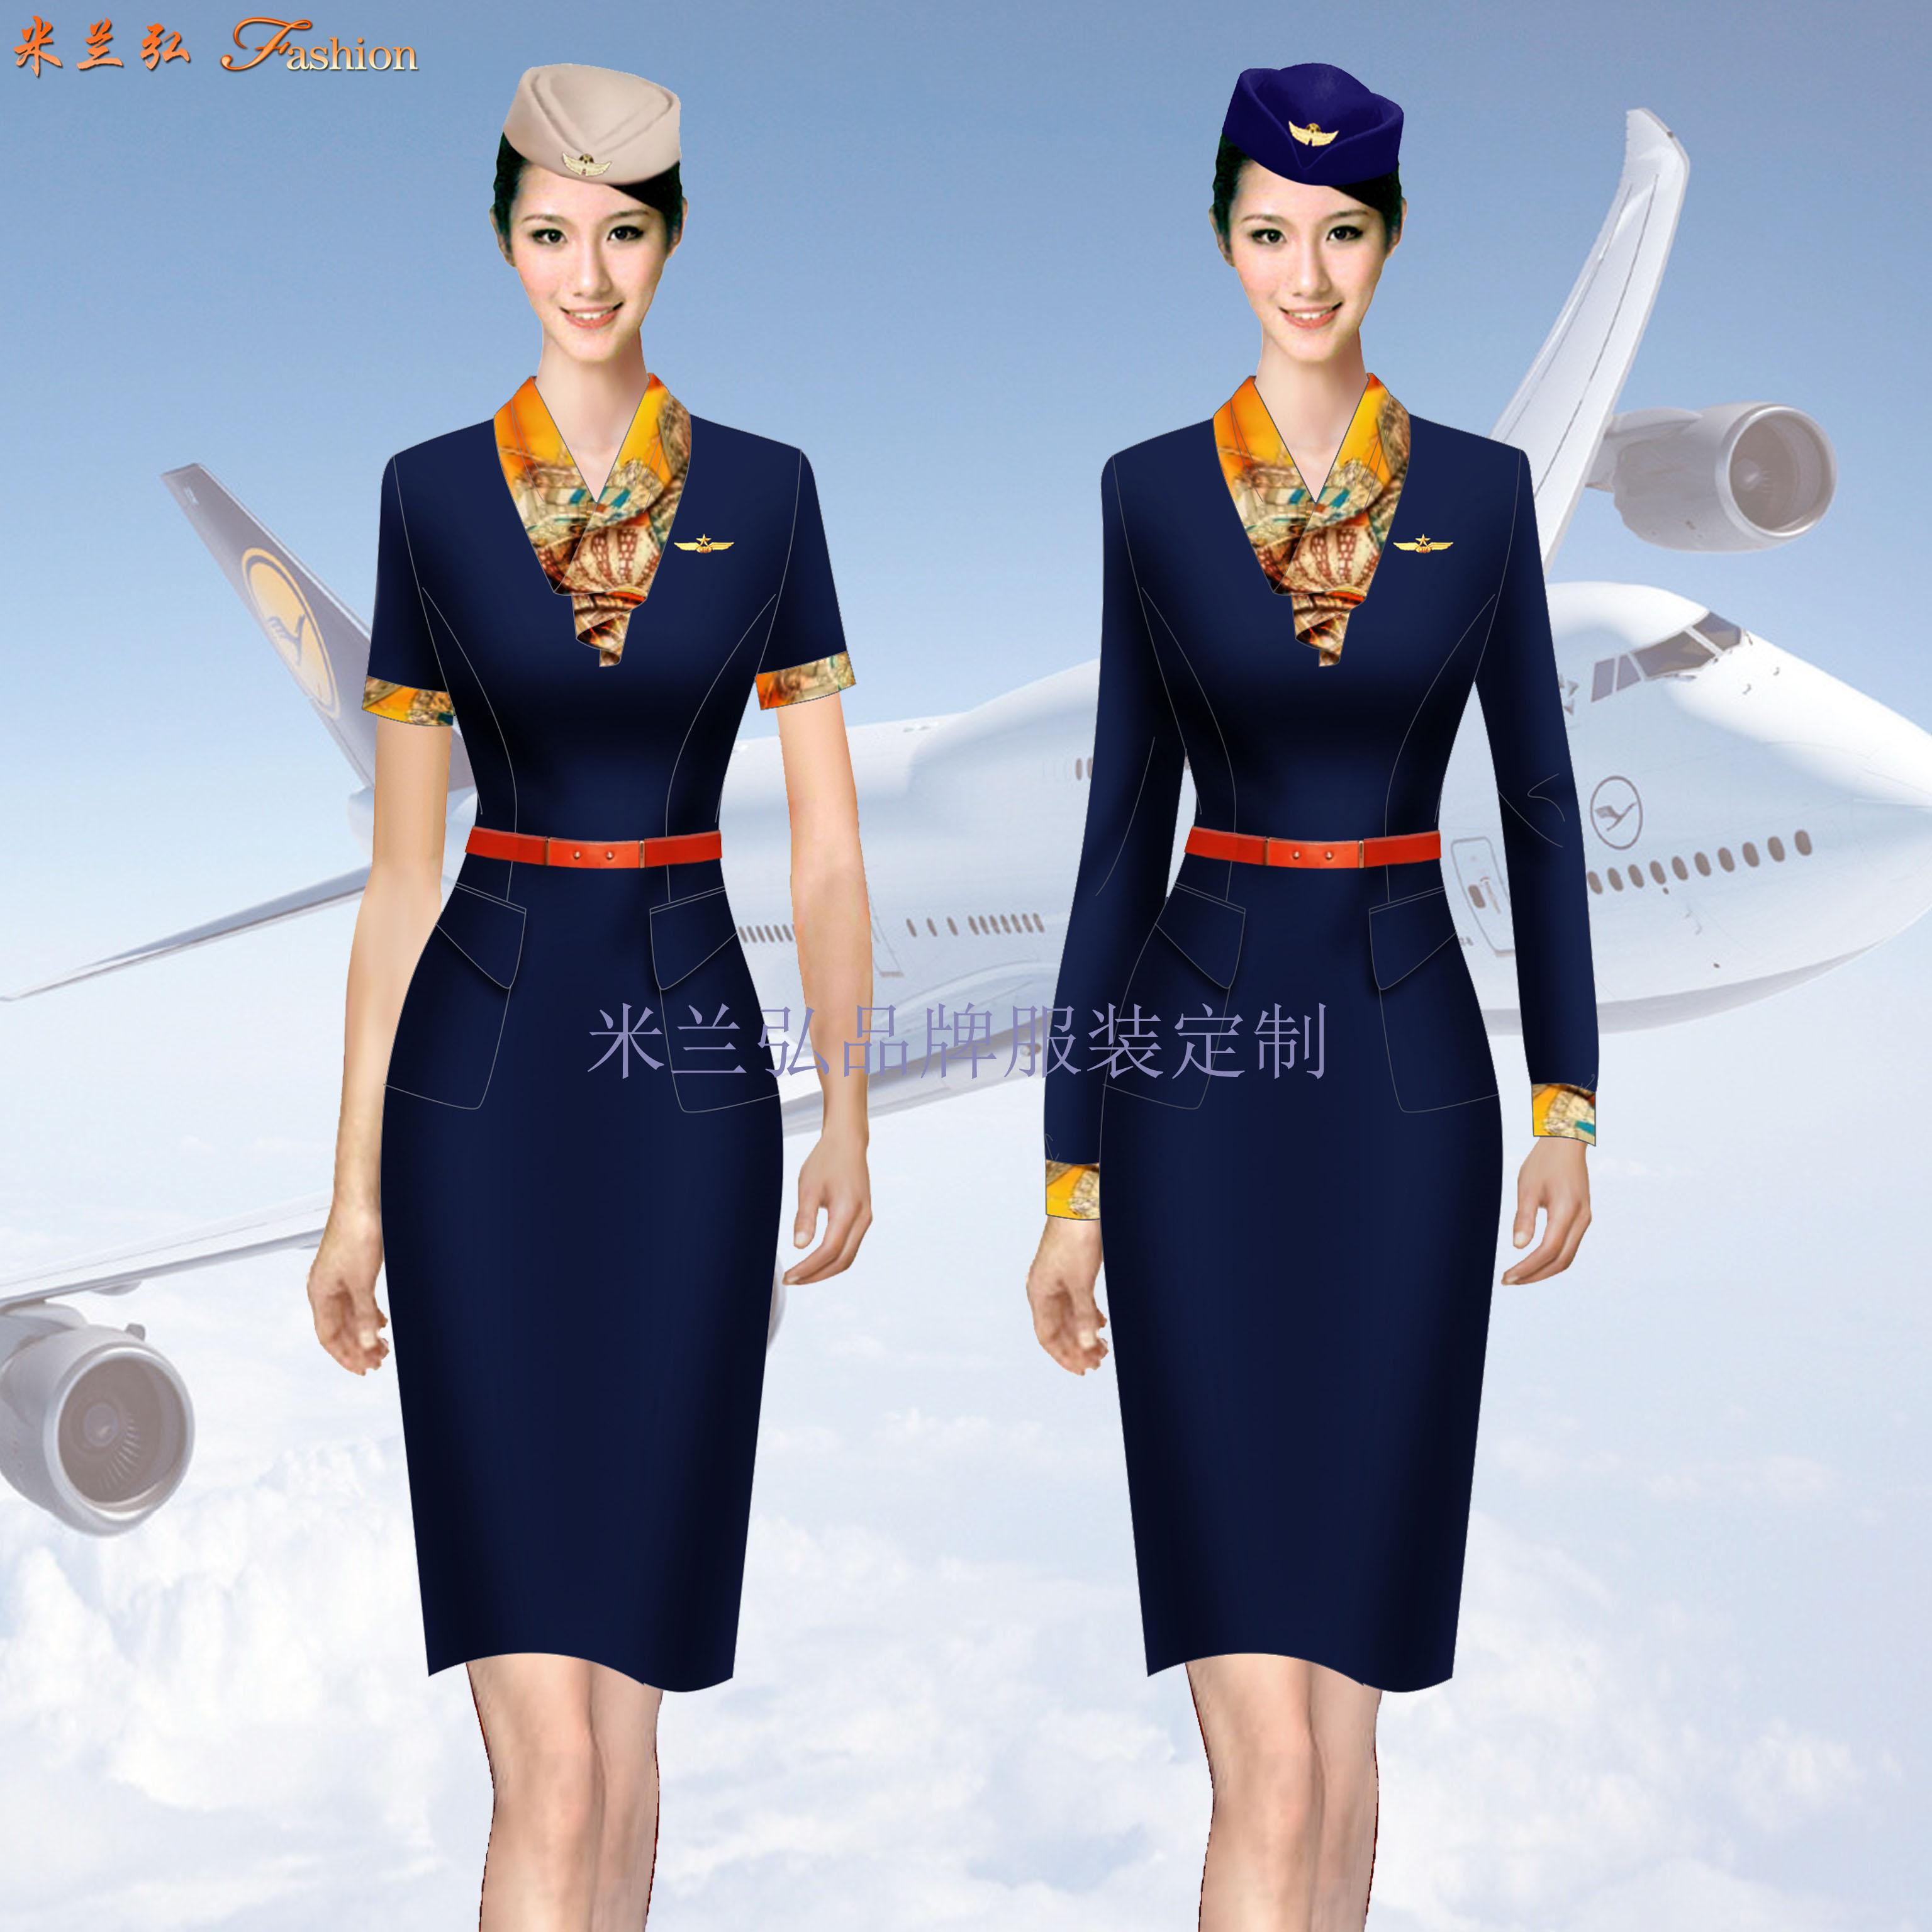 空姐連衣裙定制-量體定做空姐服夏裝廠家-米蘭弘服裝-1